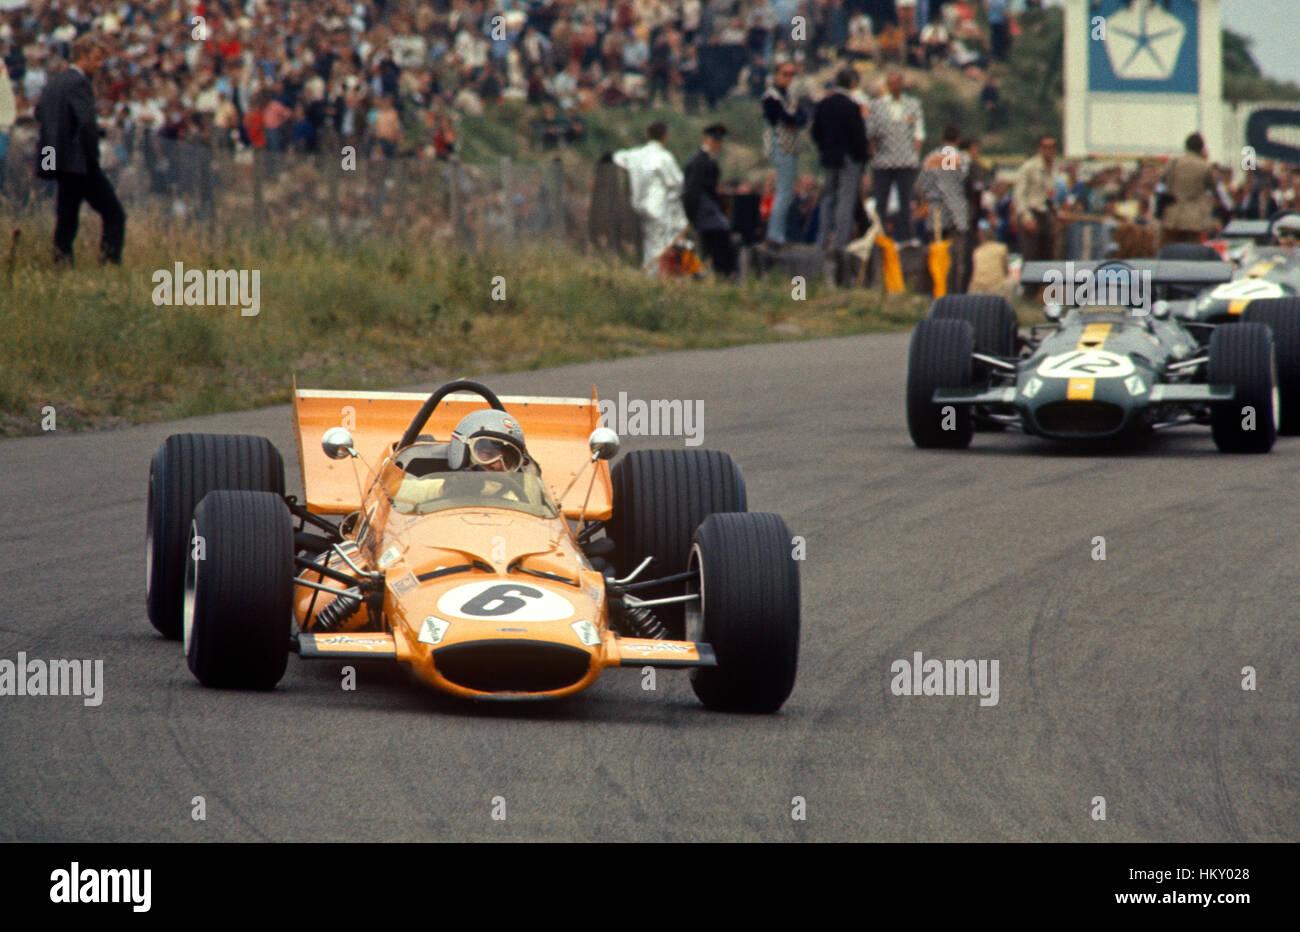 bruce mclaren motor racing stock photos & bruce mclaren motor racing